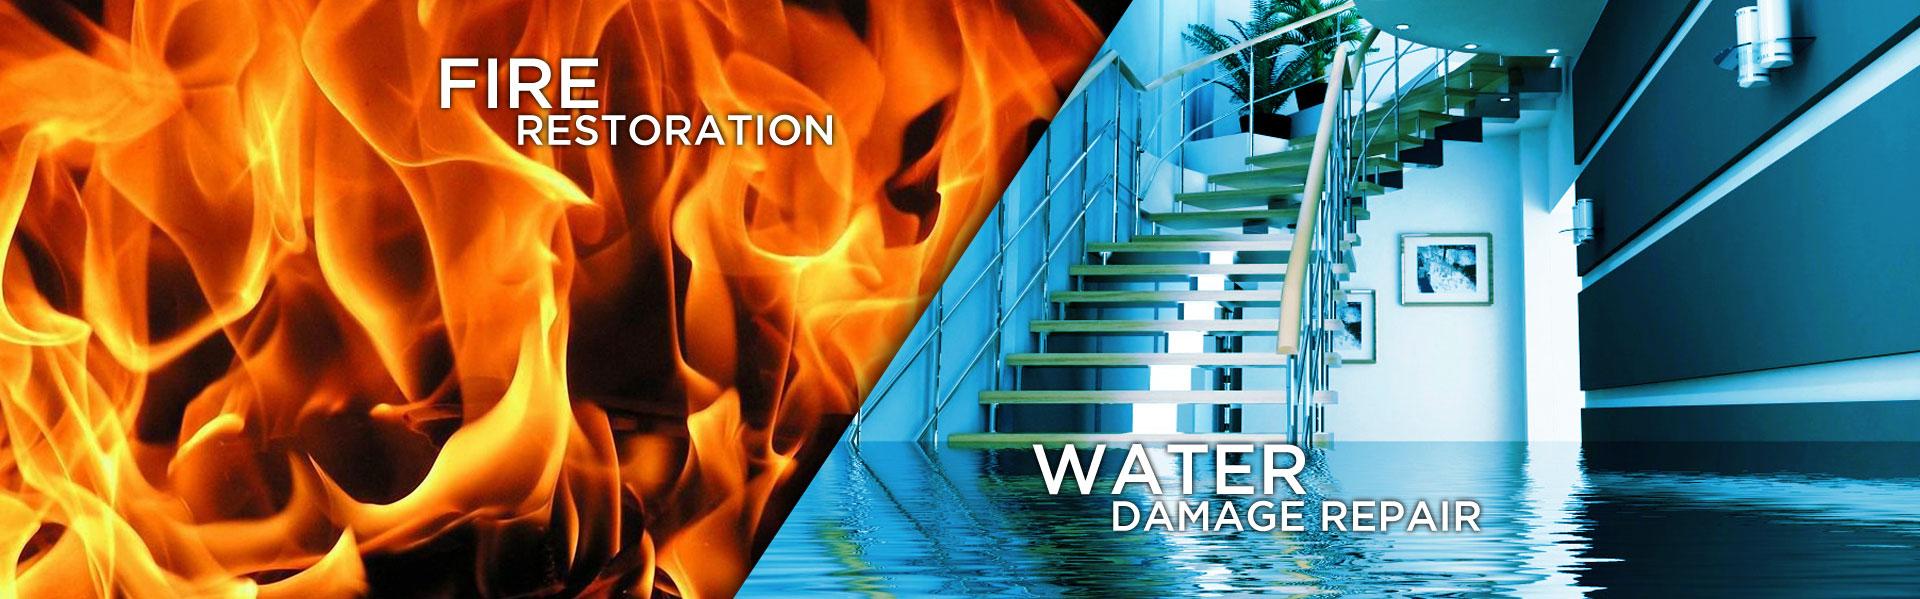 Chicago Fire Restoration